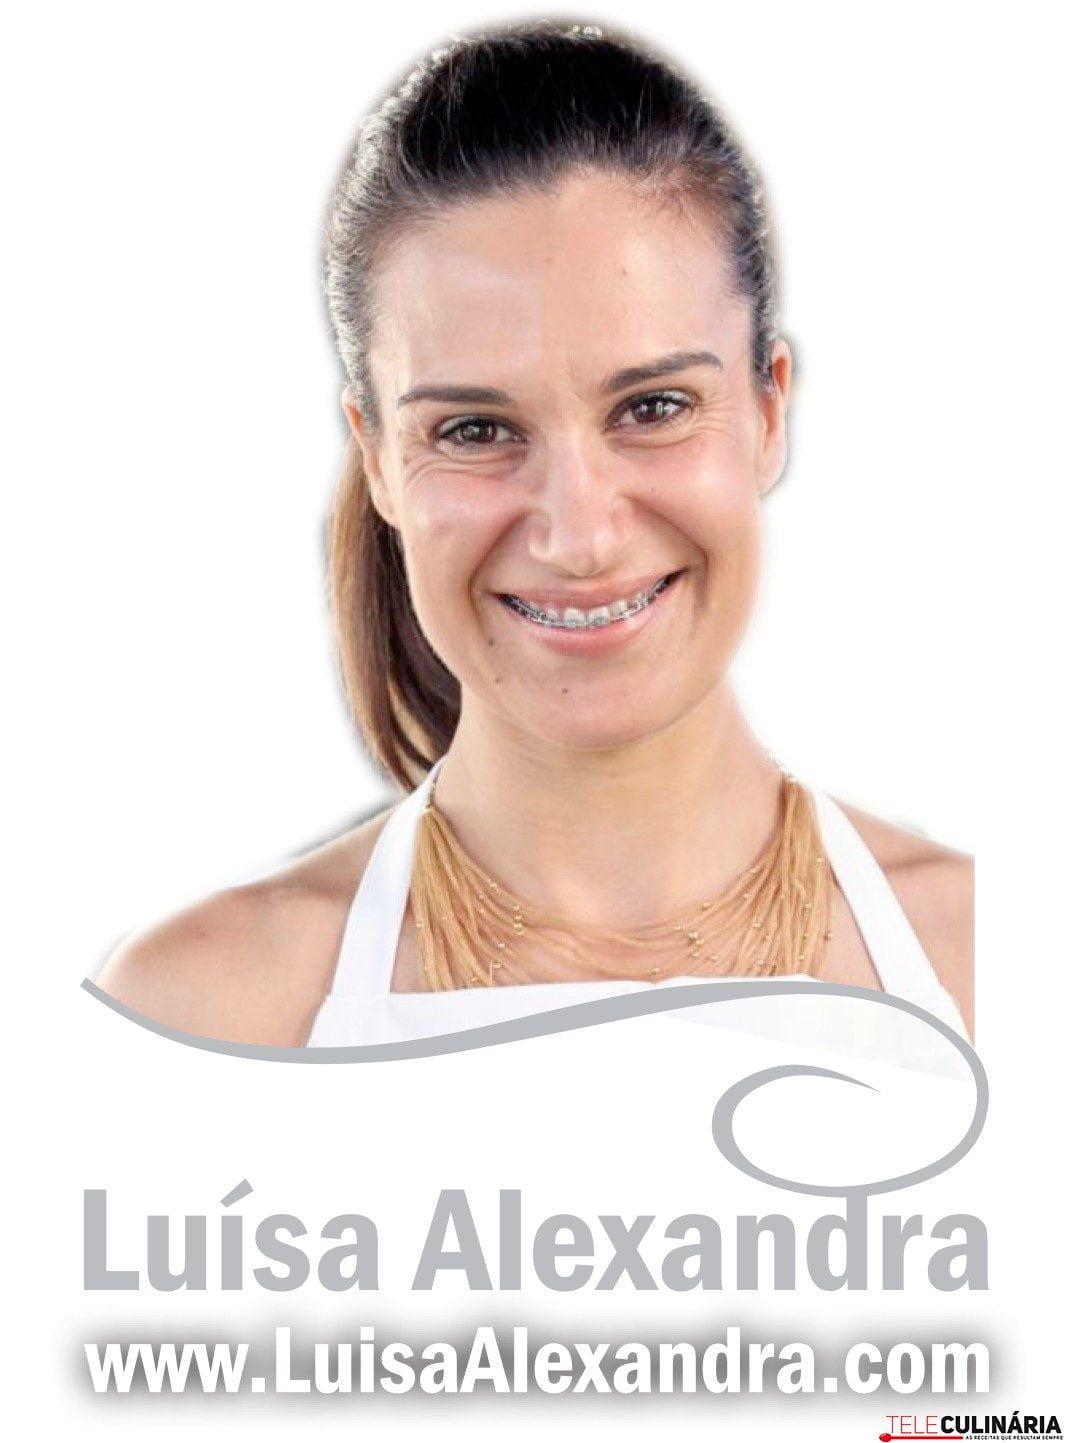 LuisaAlexandra